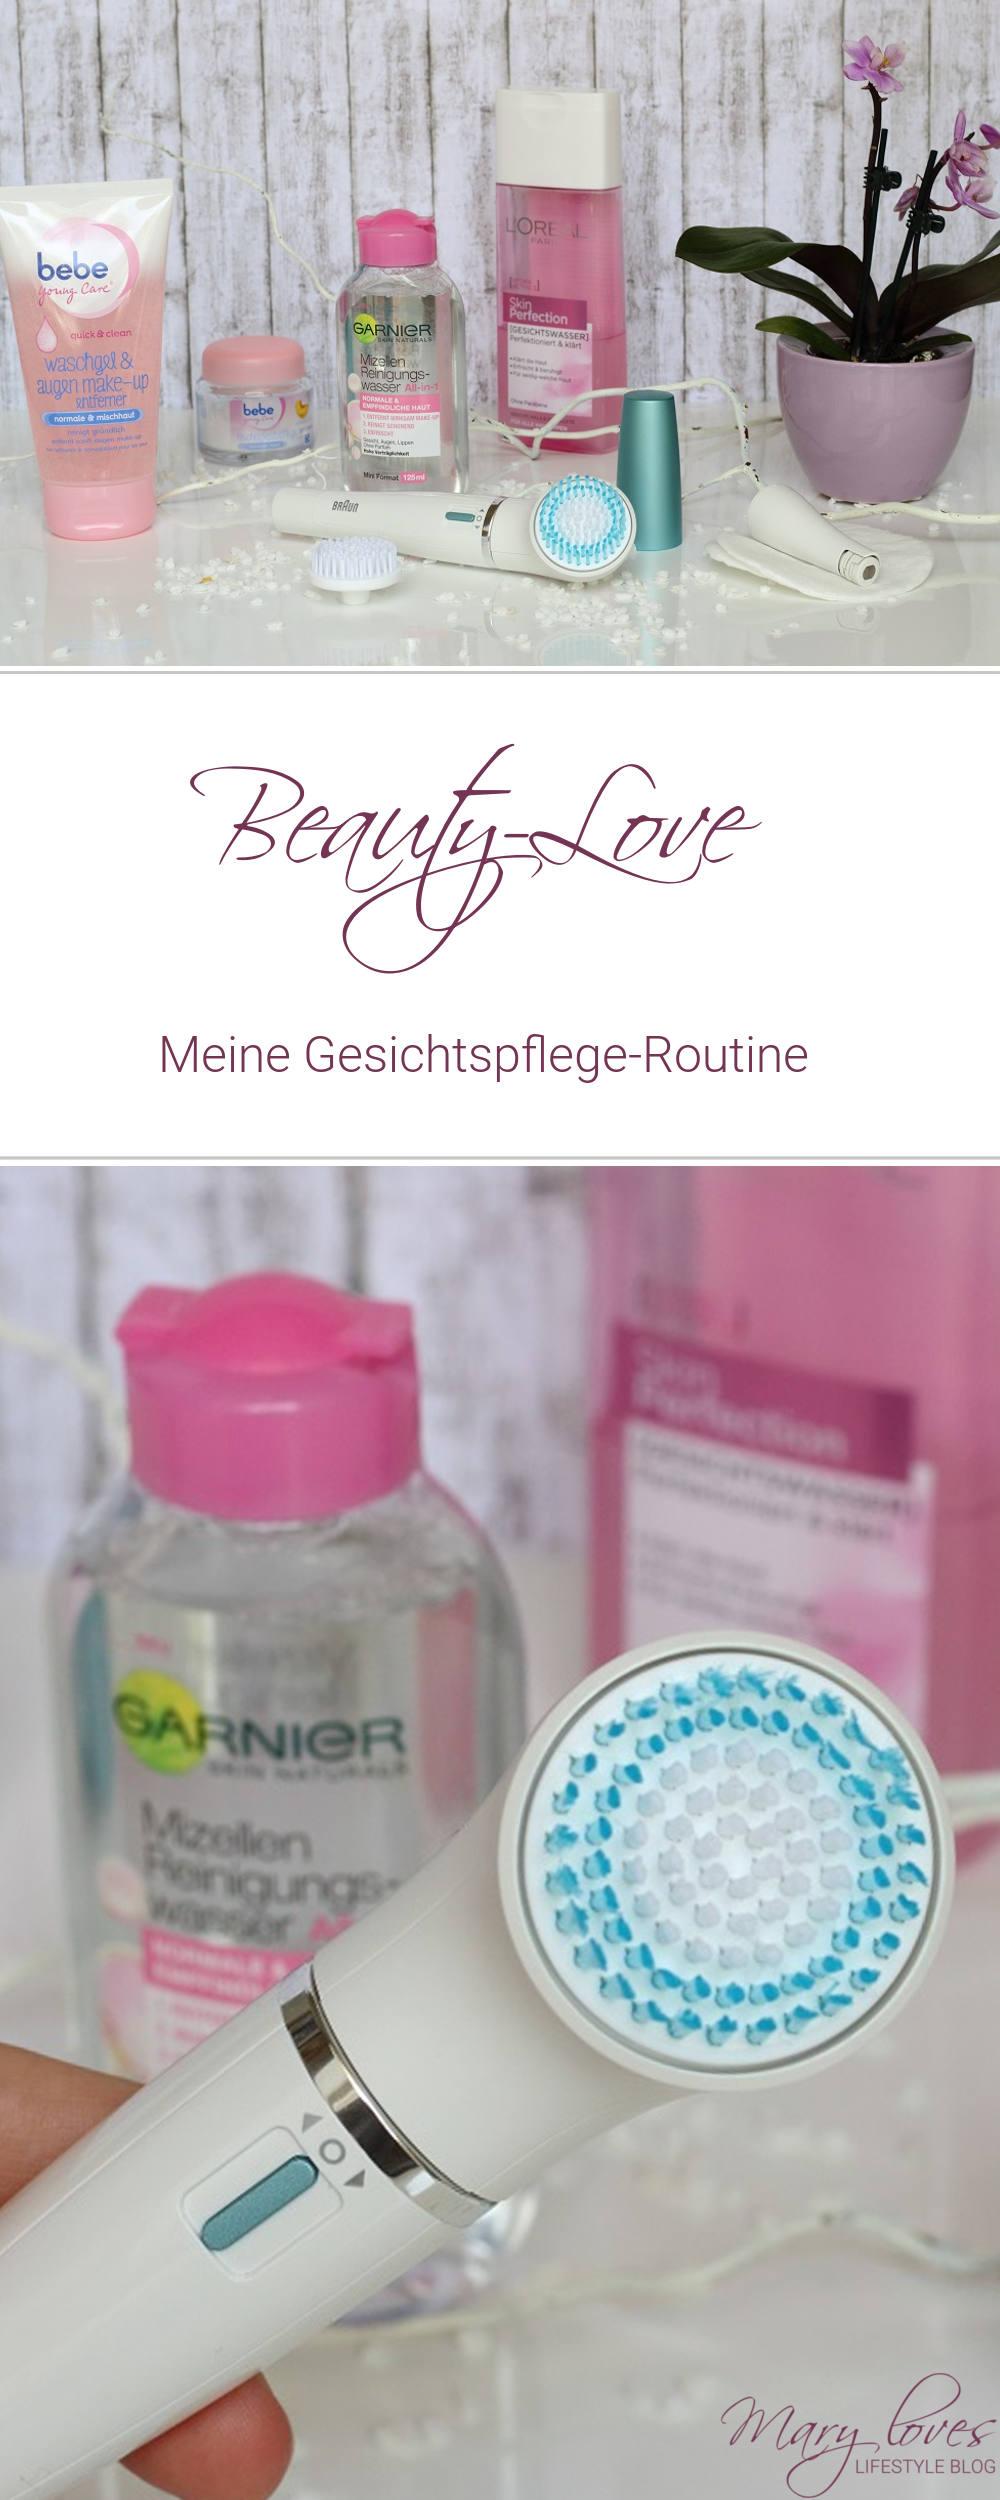 Beauty-Love - Meine Gesichtspflege Routine